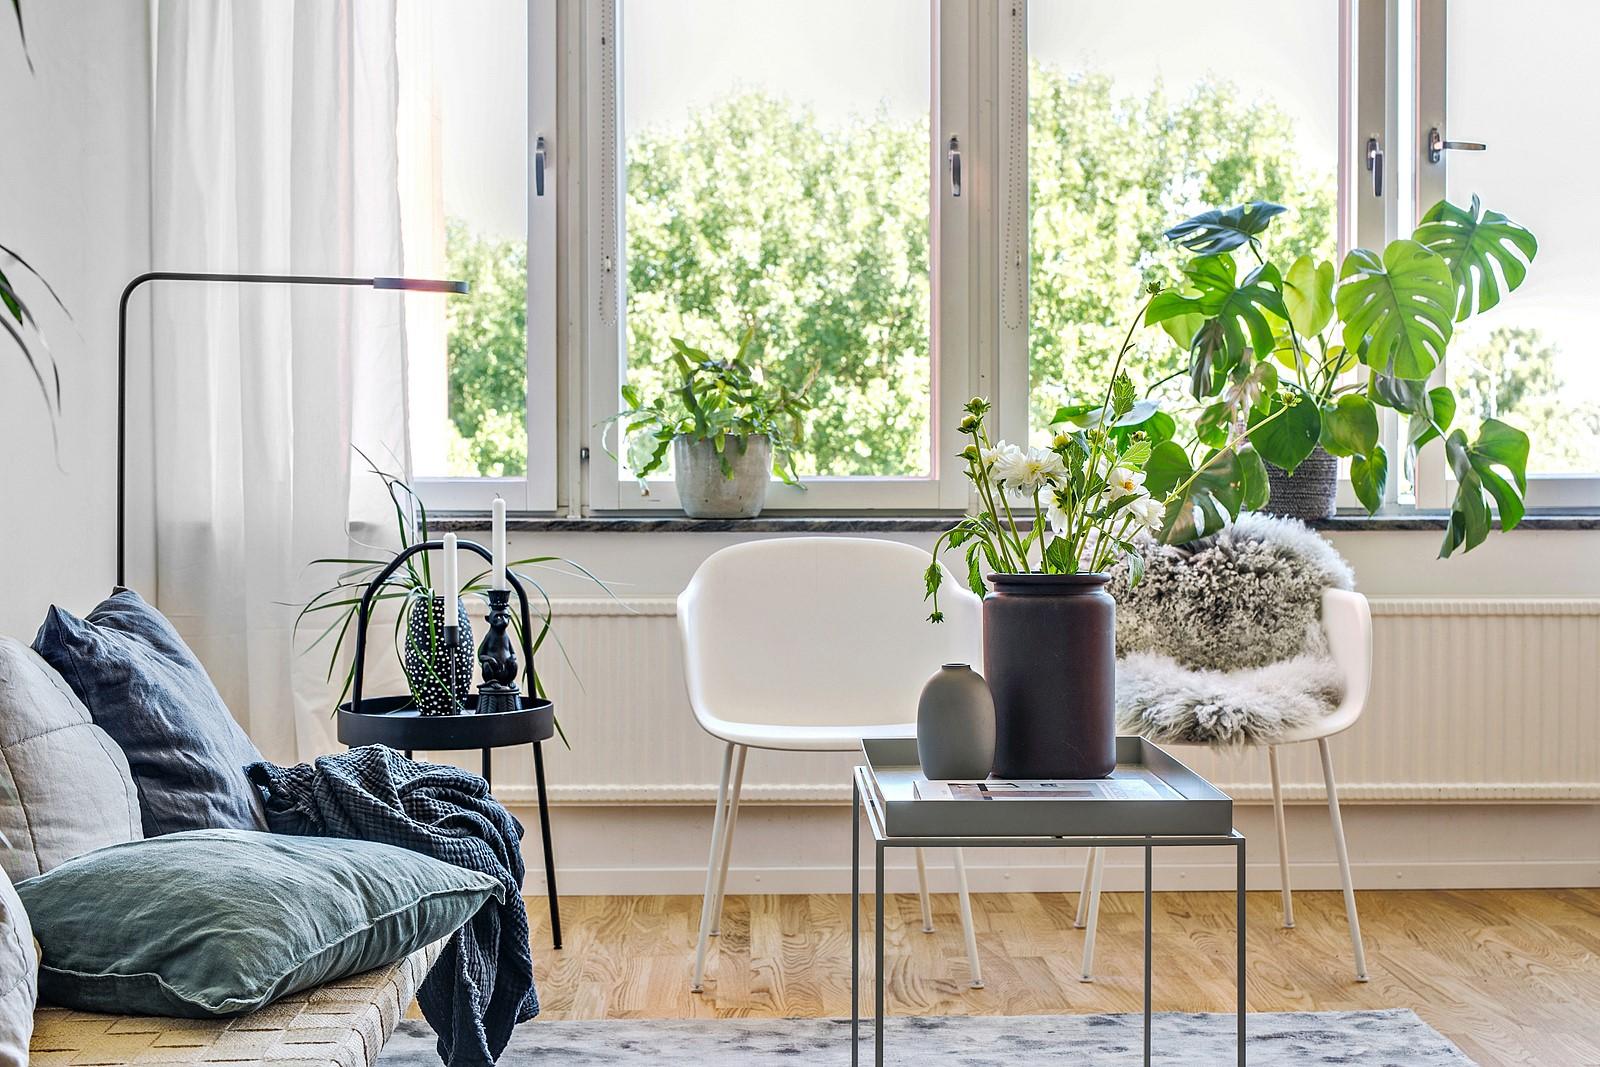 Ett större fönsterparti ger ett rikligt ljusinsläpp till bostaden